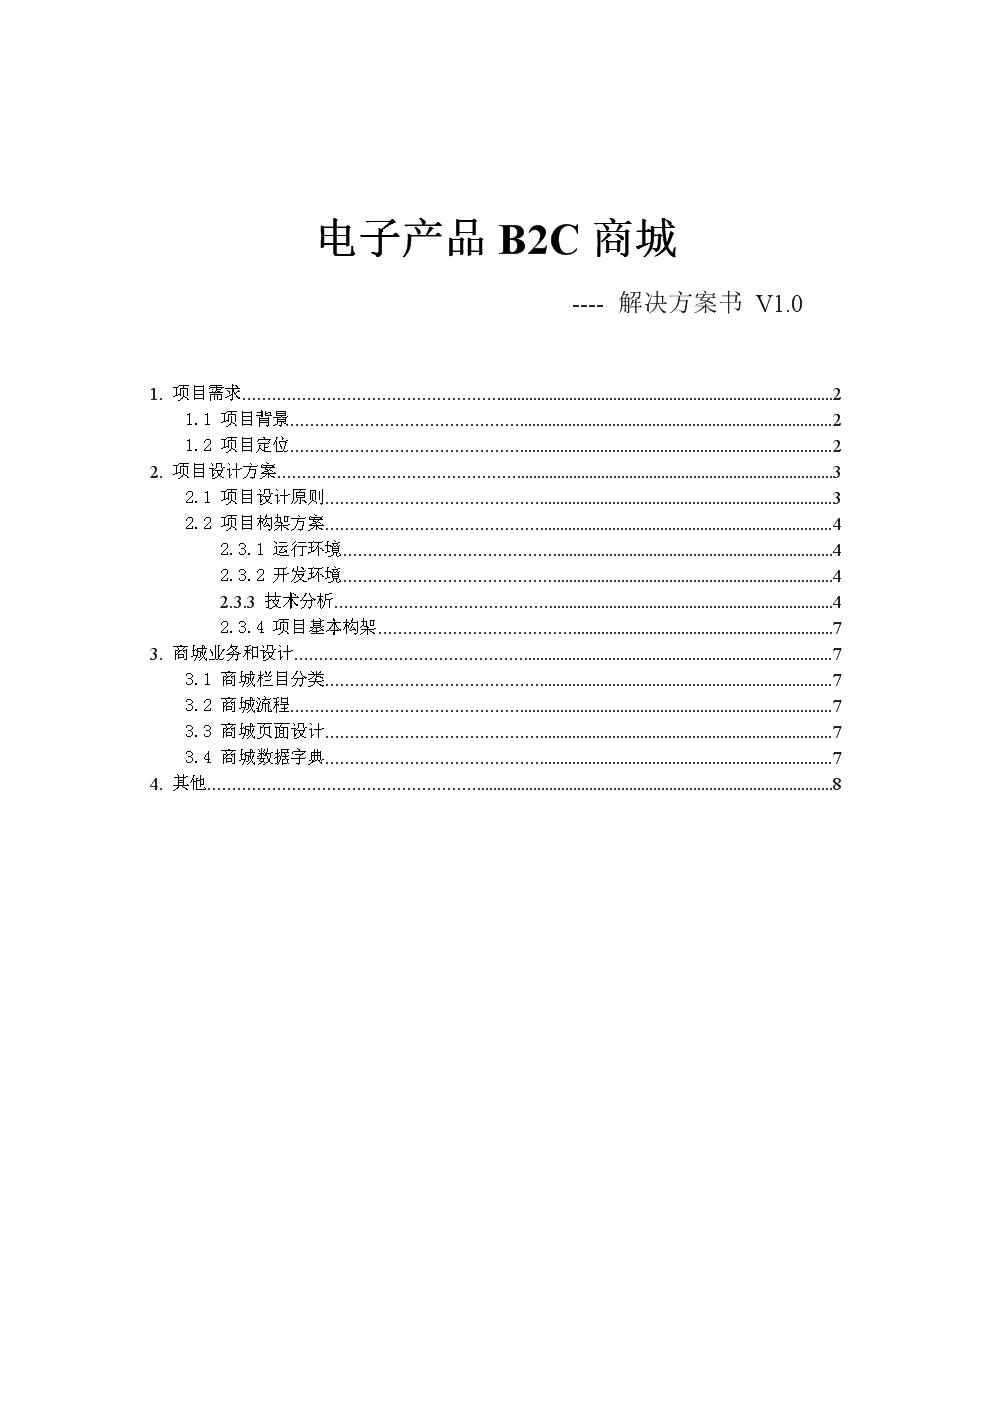 子产品B2C商城解决方案解析.doc